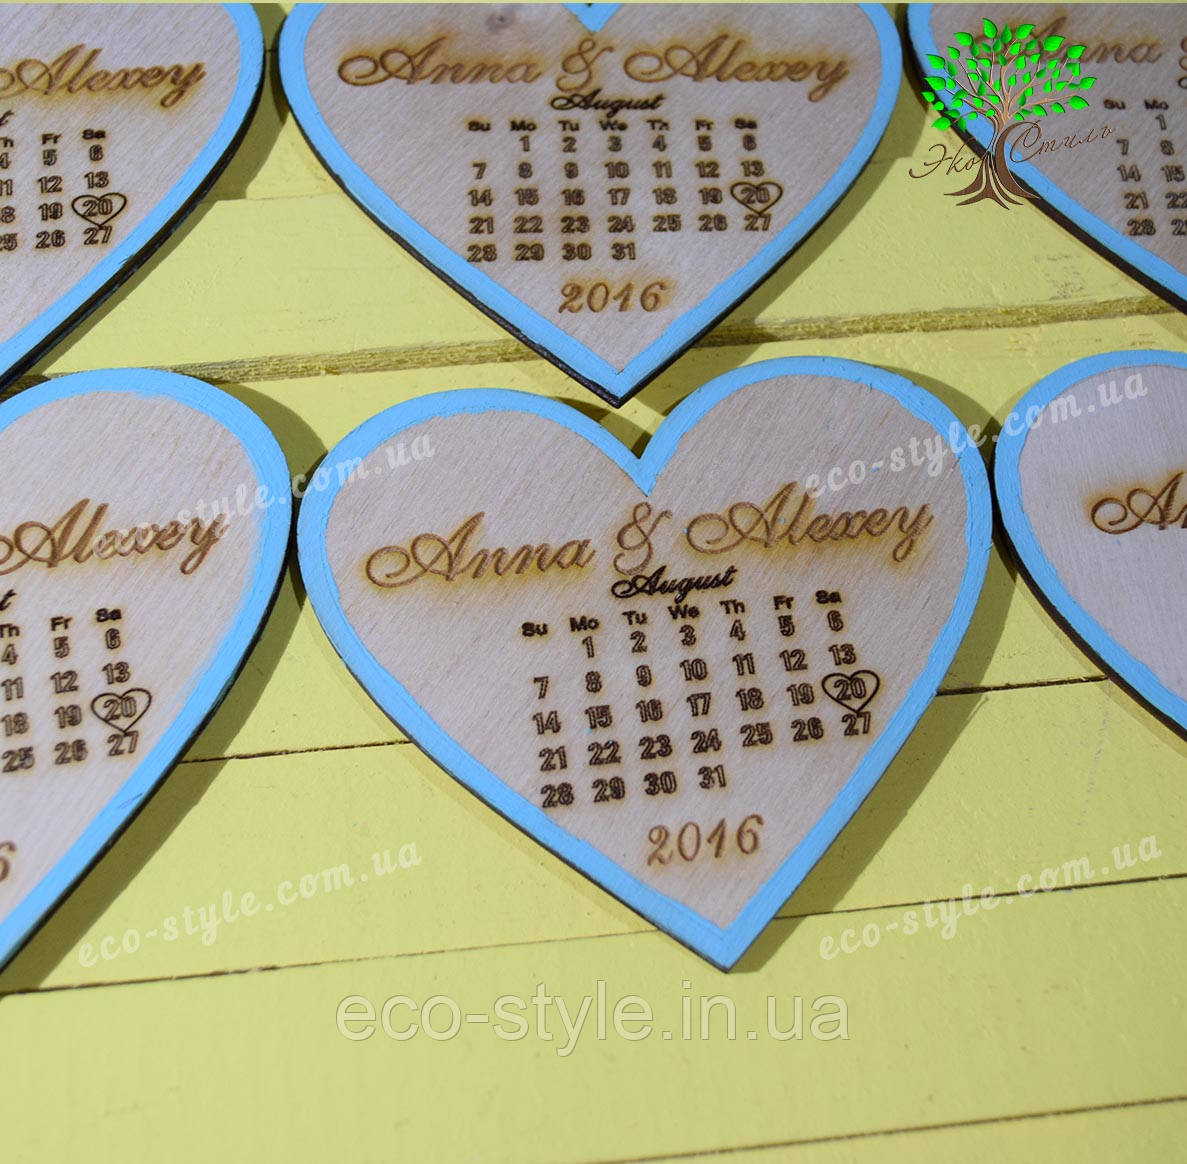 Деревянный магнит свадебный, декор на свадьбу, свадебные календари